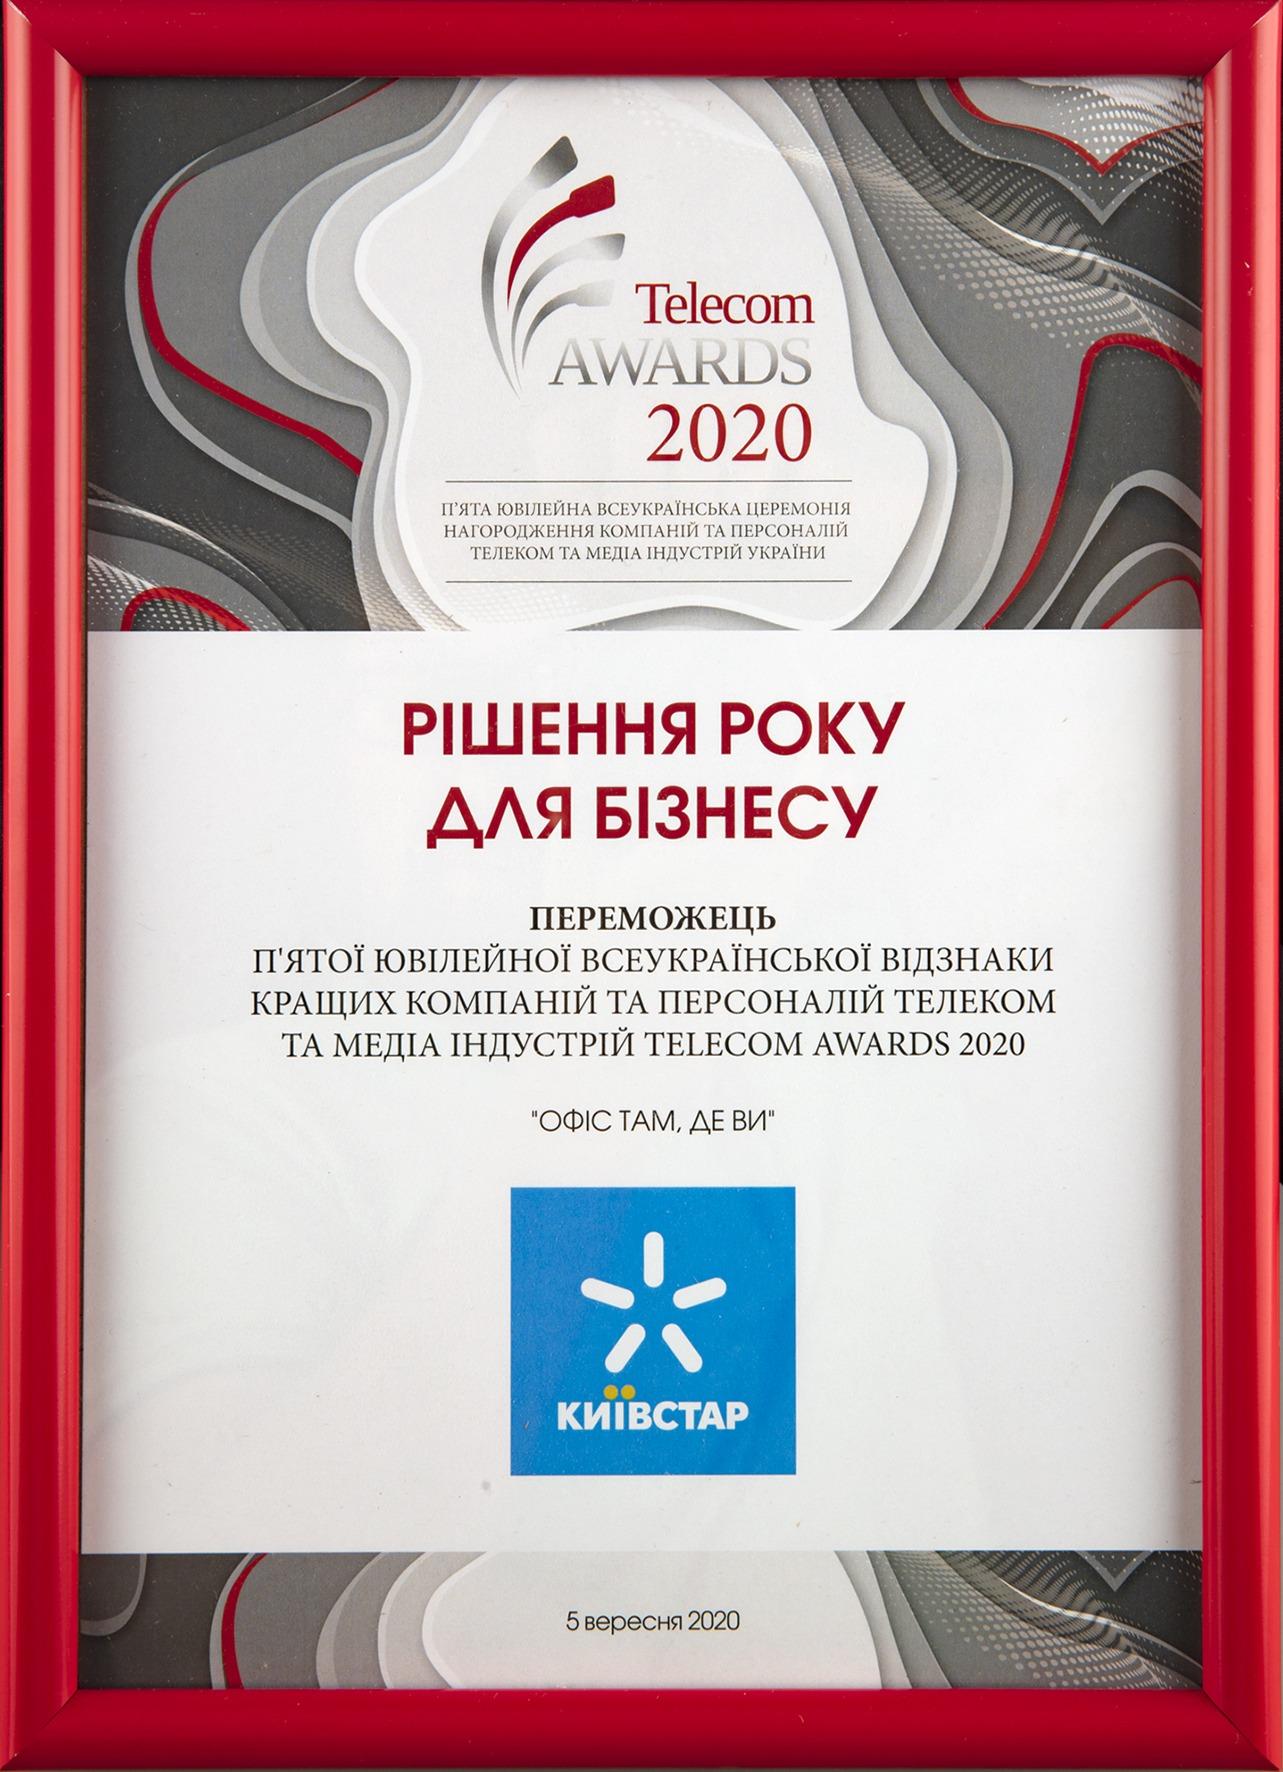 Київстар визнано «Компанією року» в мобільному зв'язку | Kyivstar Business Hub зображення №3